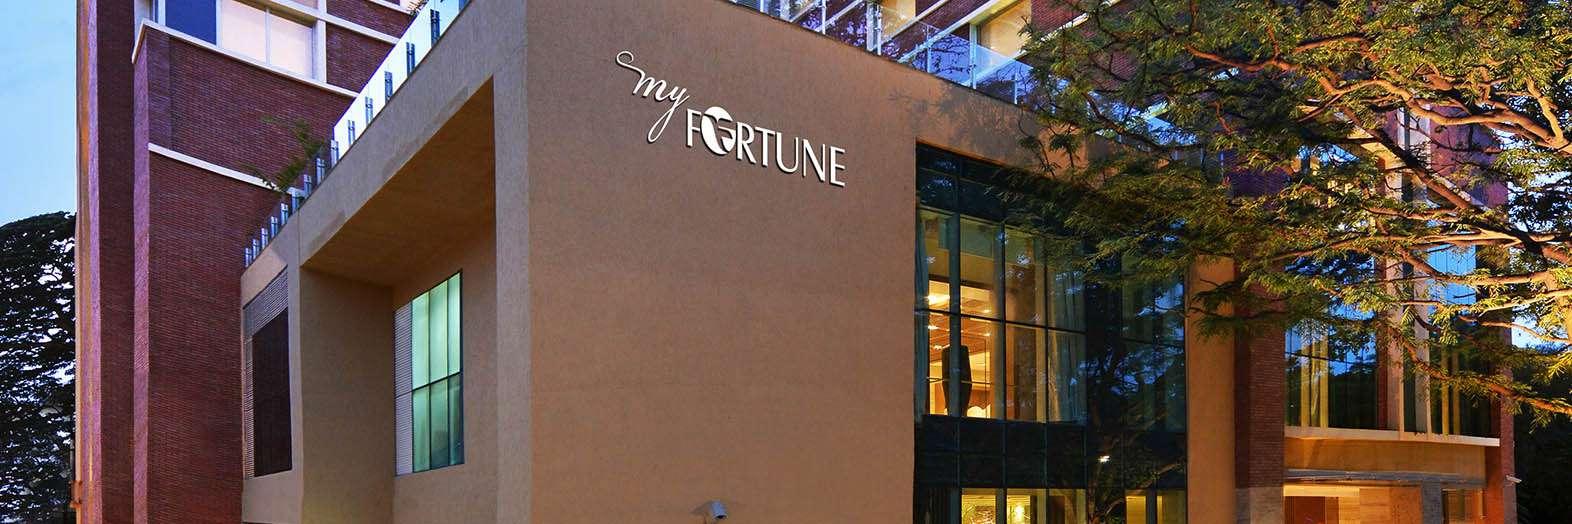 My Fortune, Bengaluru - CSR Initiative